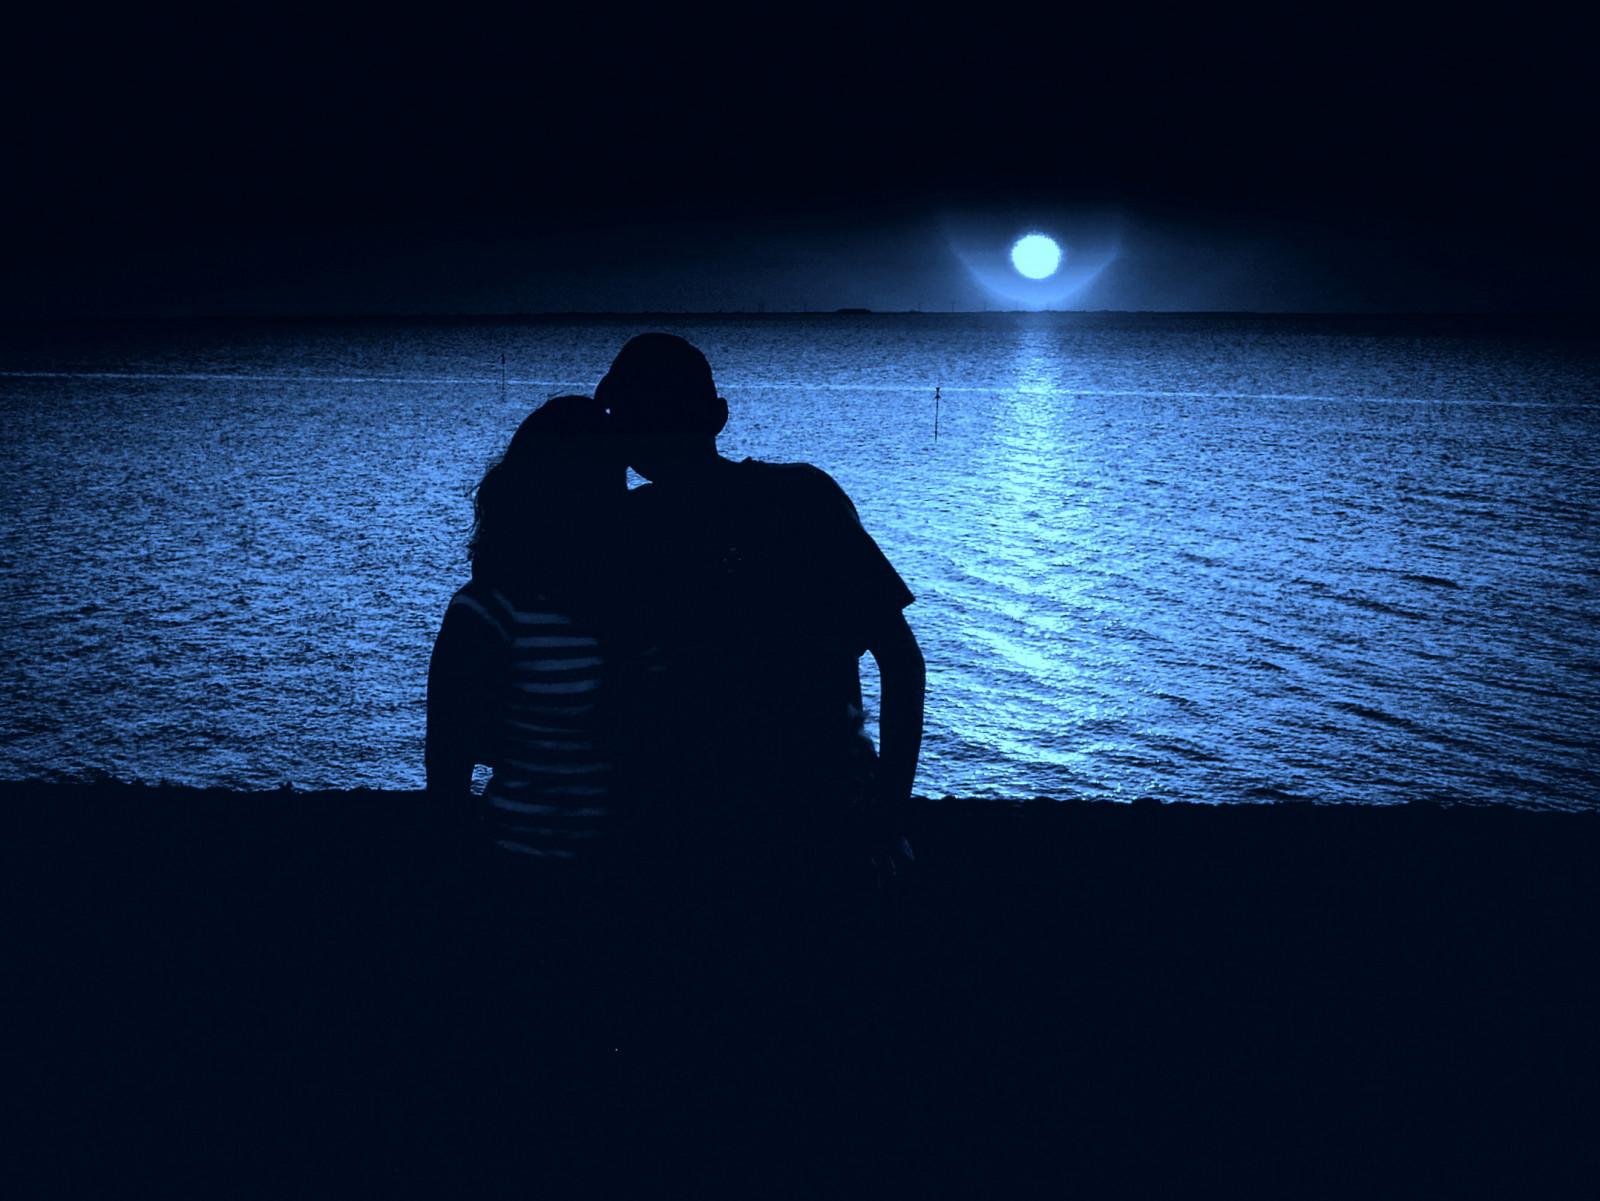 Картинки с парнем и девушкой обнимаются ночью, сверхъестественное кастиэль